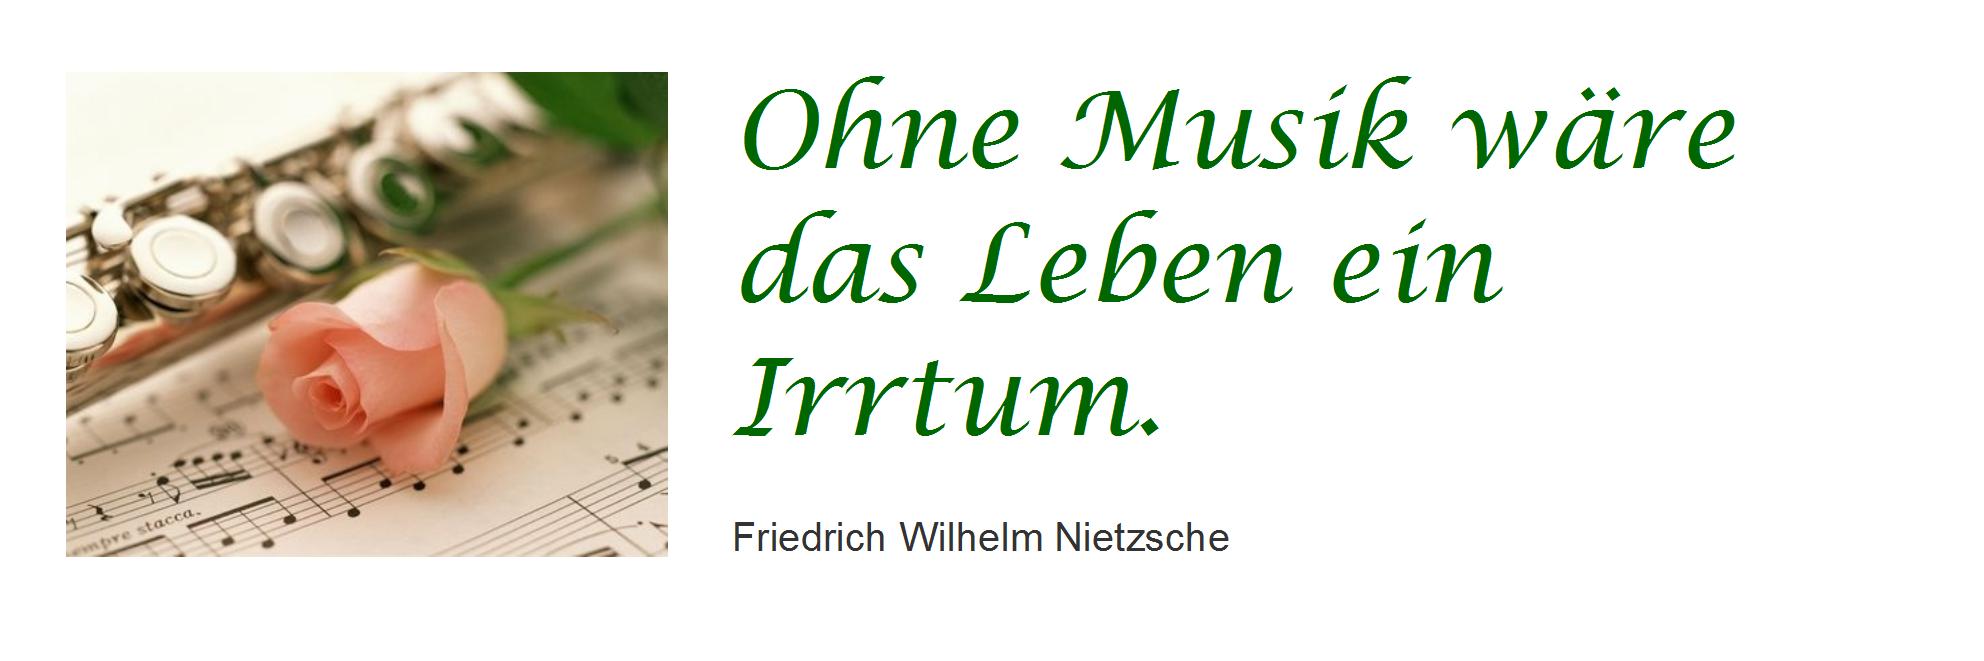 Musik_1